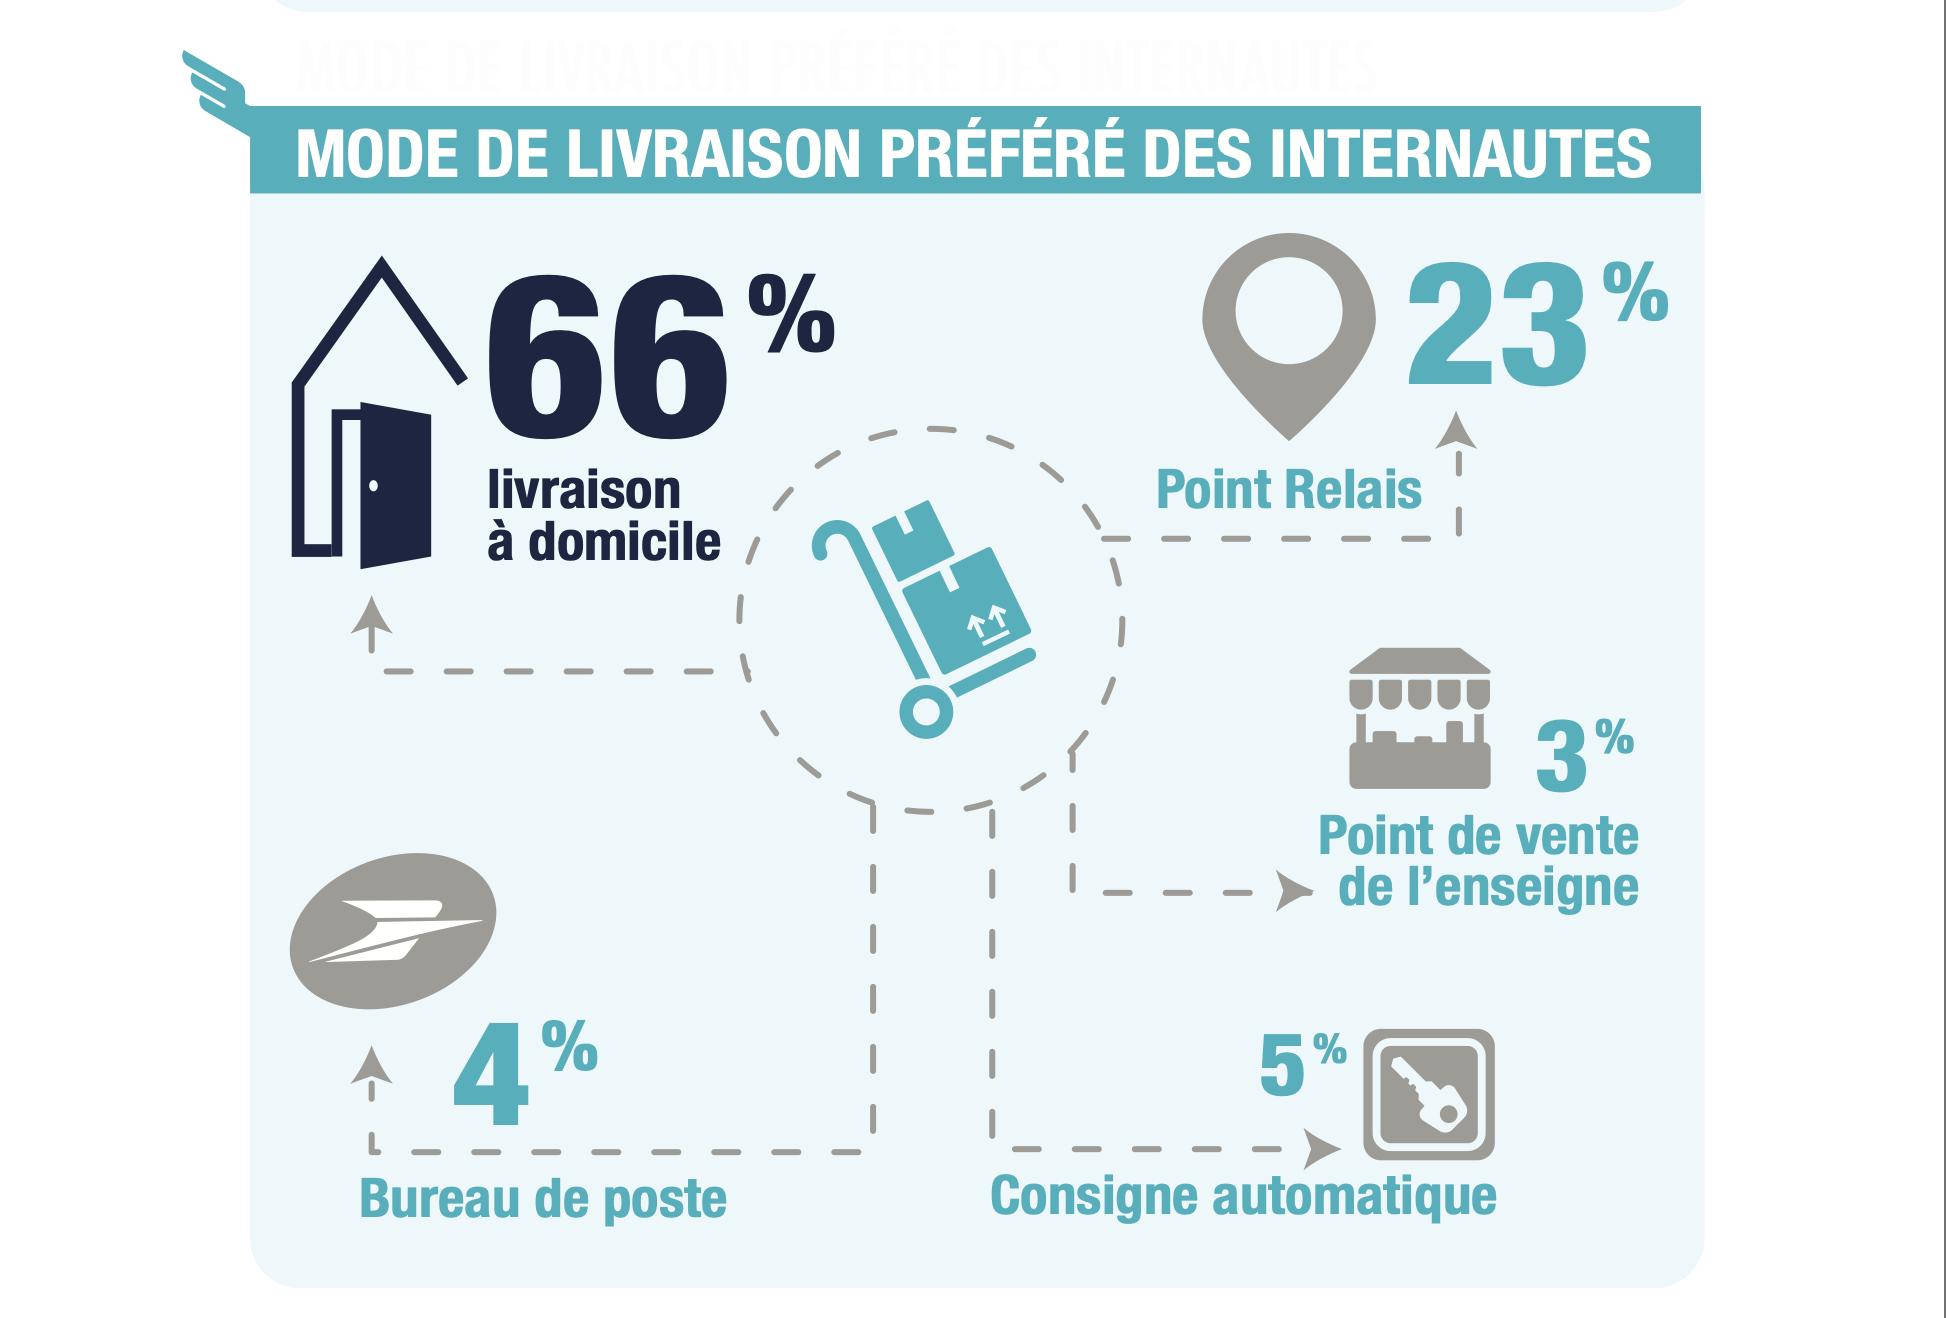 La livraison e-commerce à domicile d'un colis est la plus plébiscitée par les français